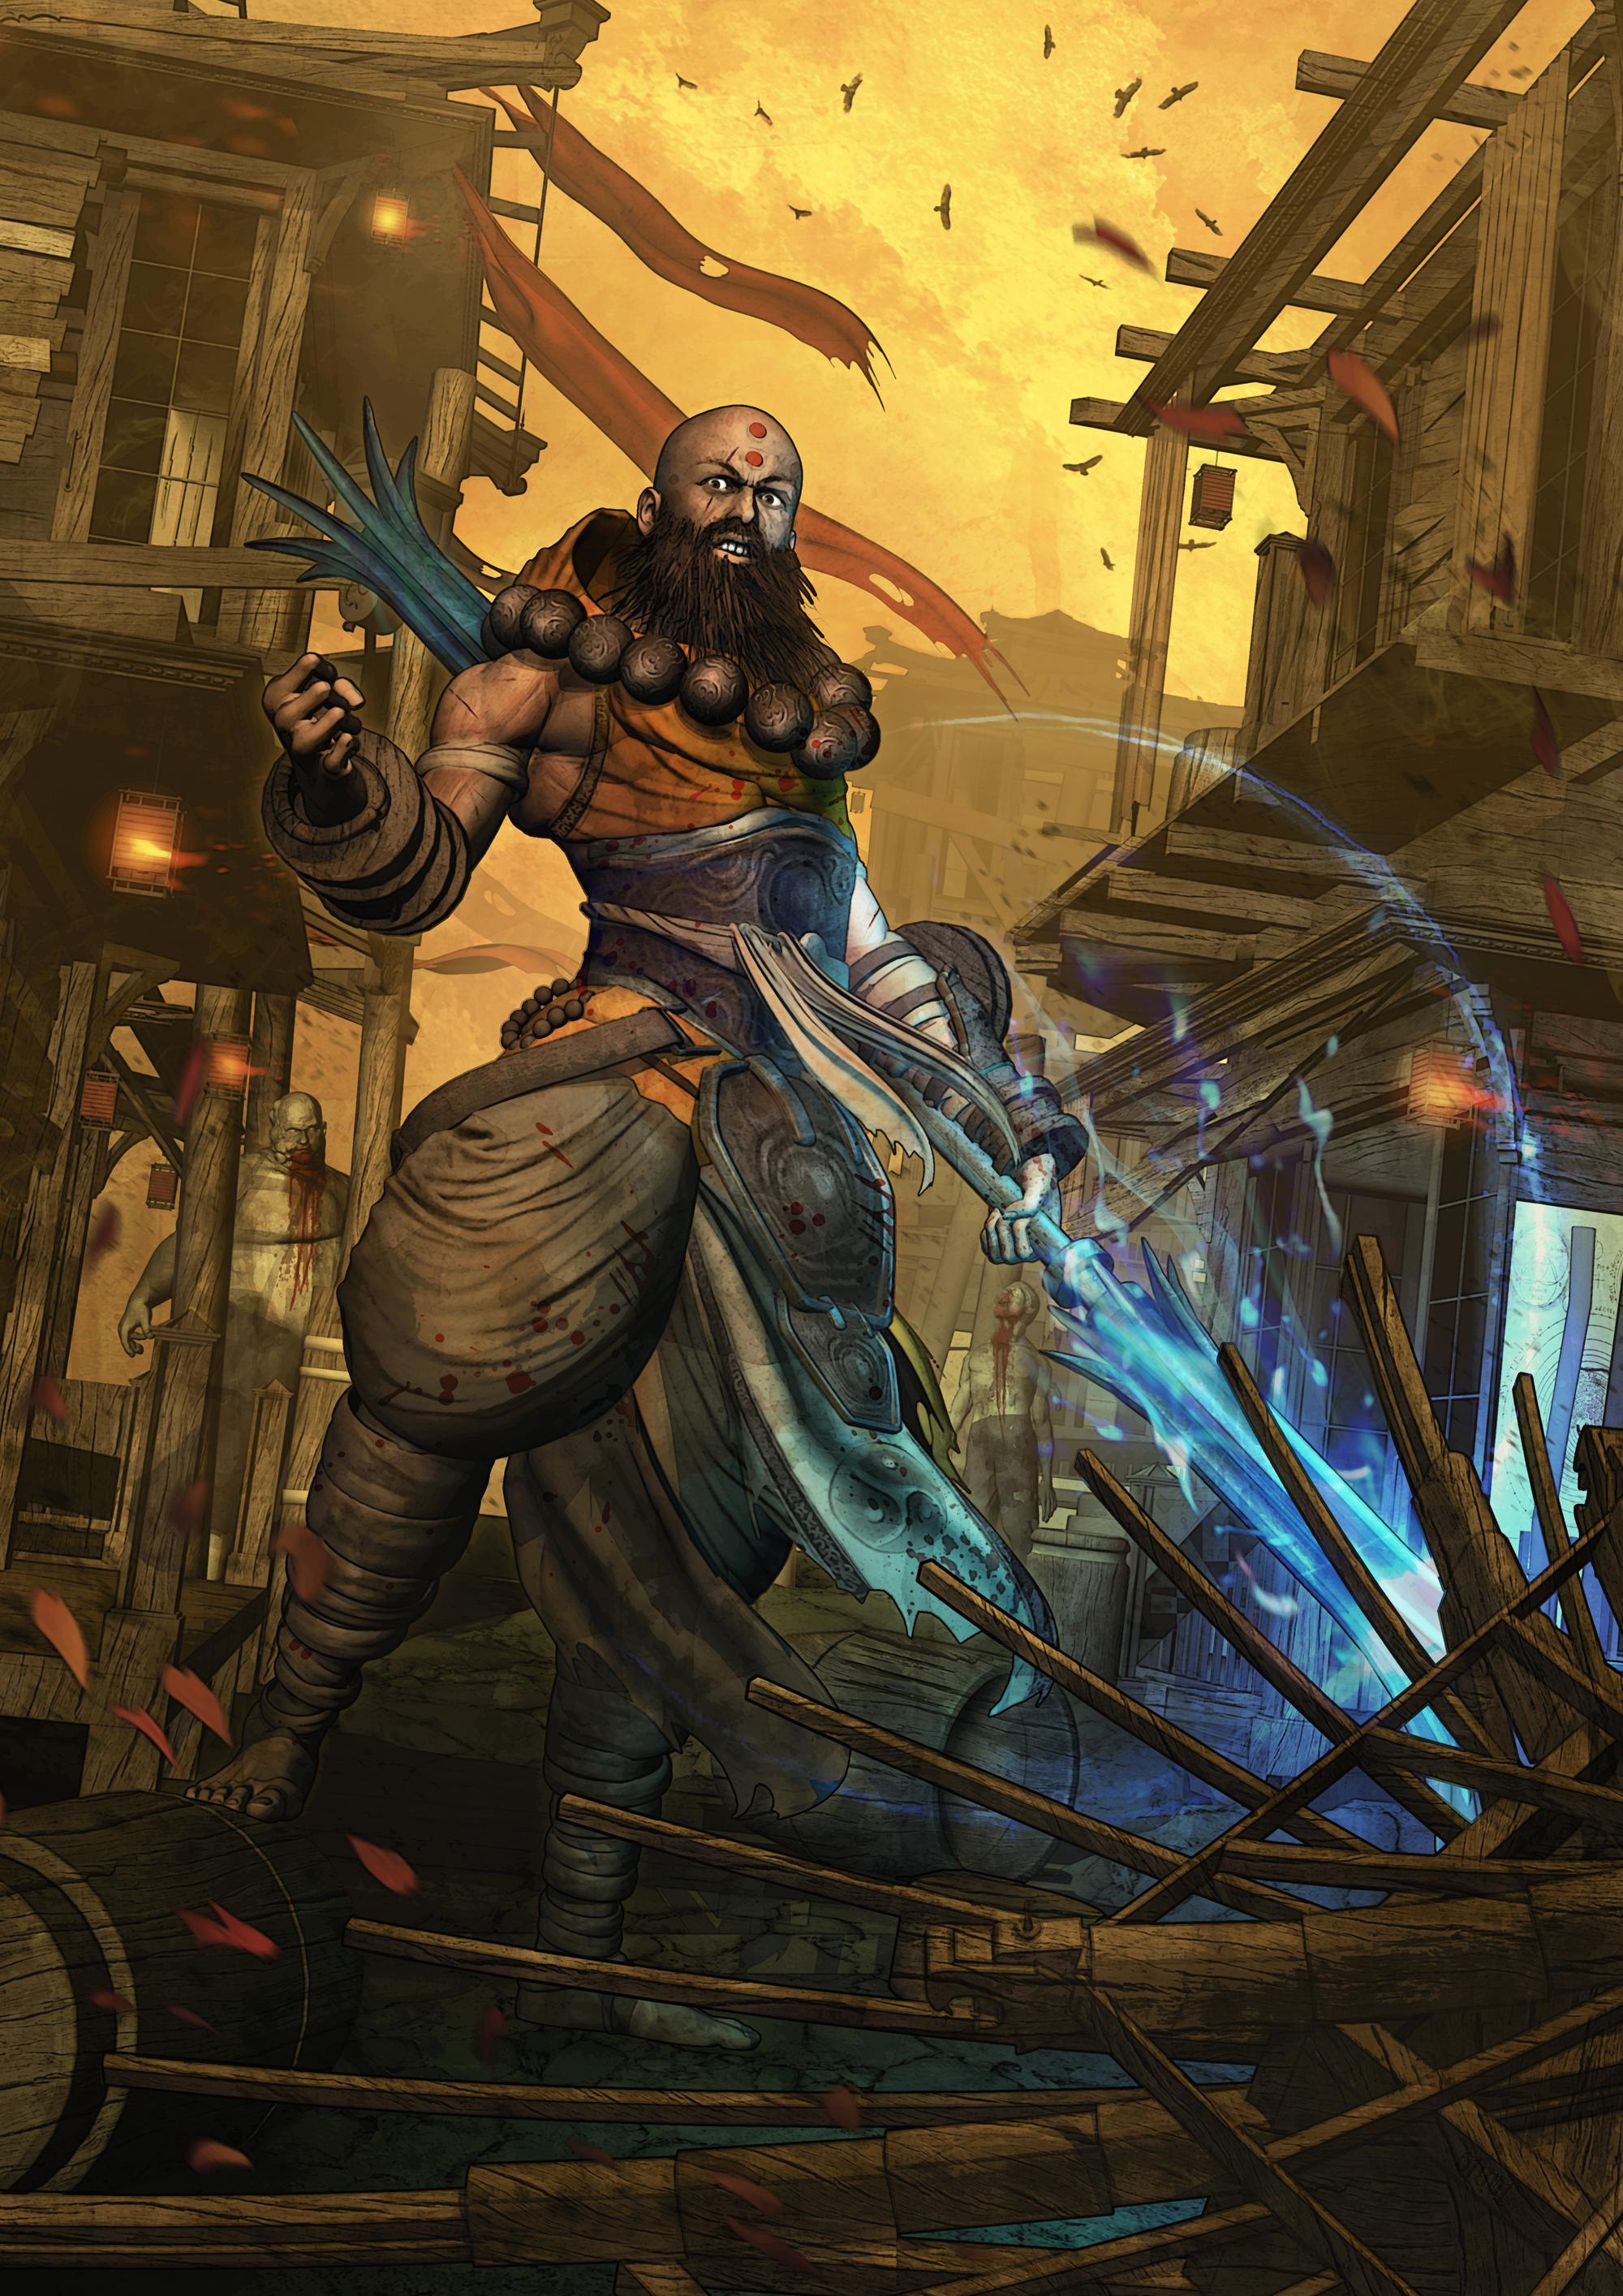 Diablo III - MONK - Reaper of Souls by FabioListrani